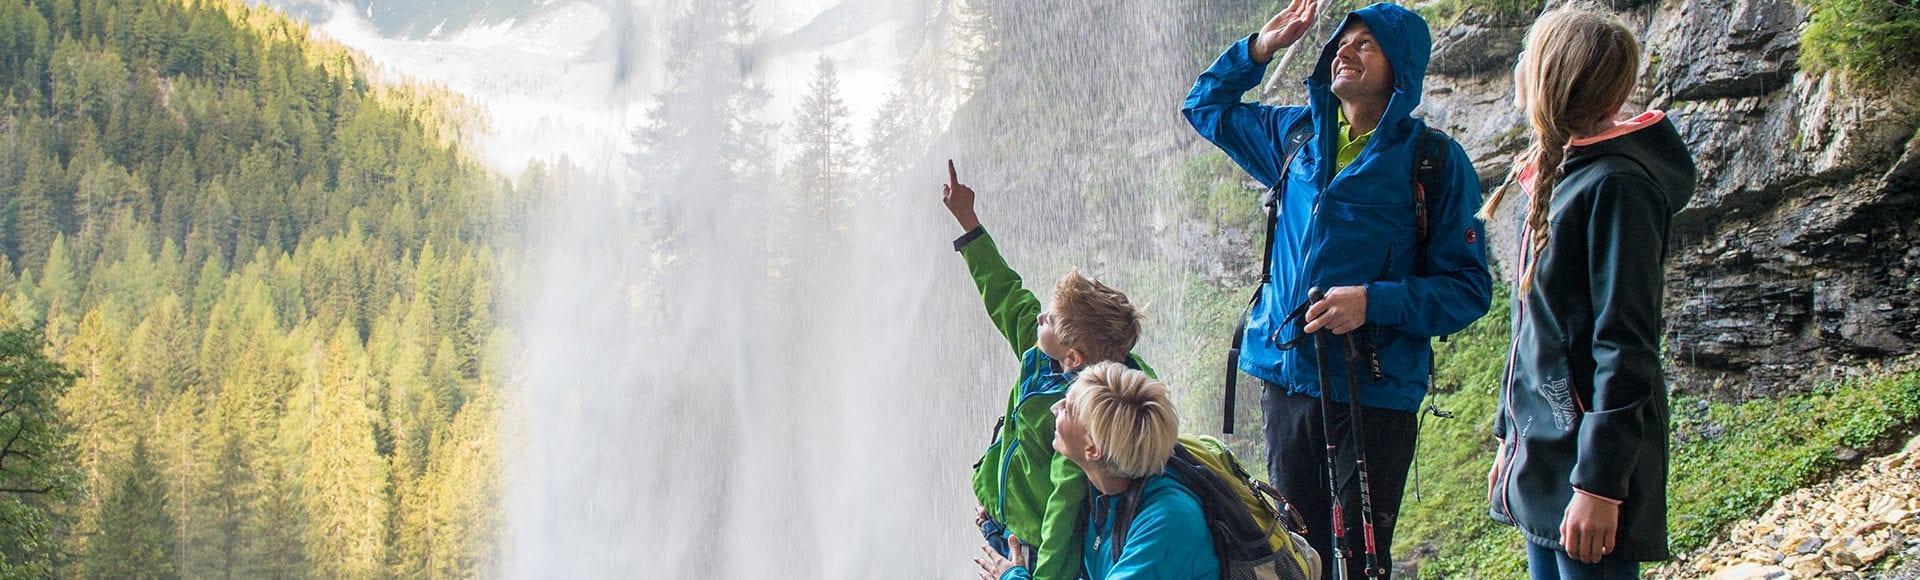 Johannes Wasserfall - schöne Ausflugsziele in Salzburg